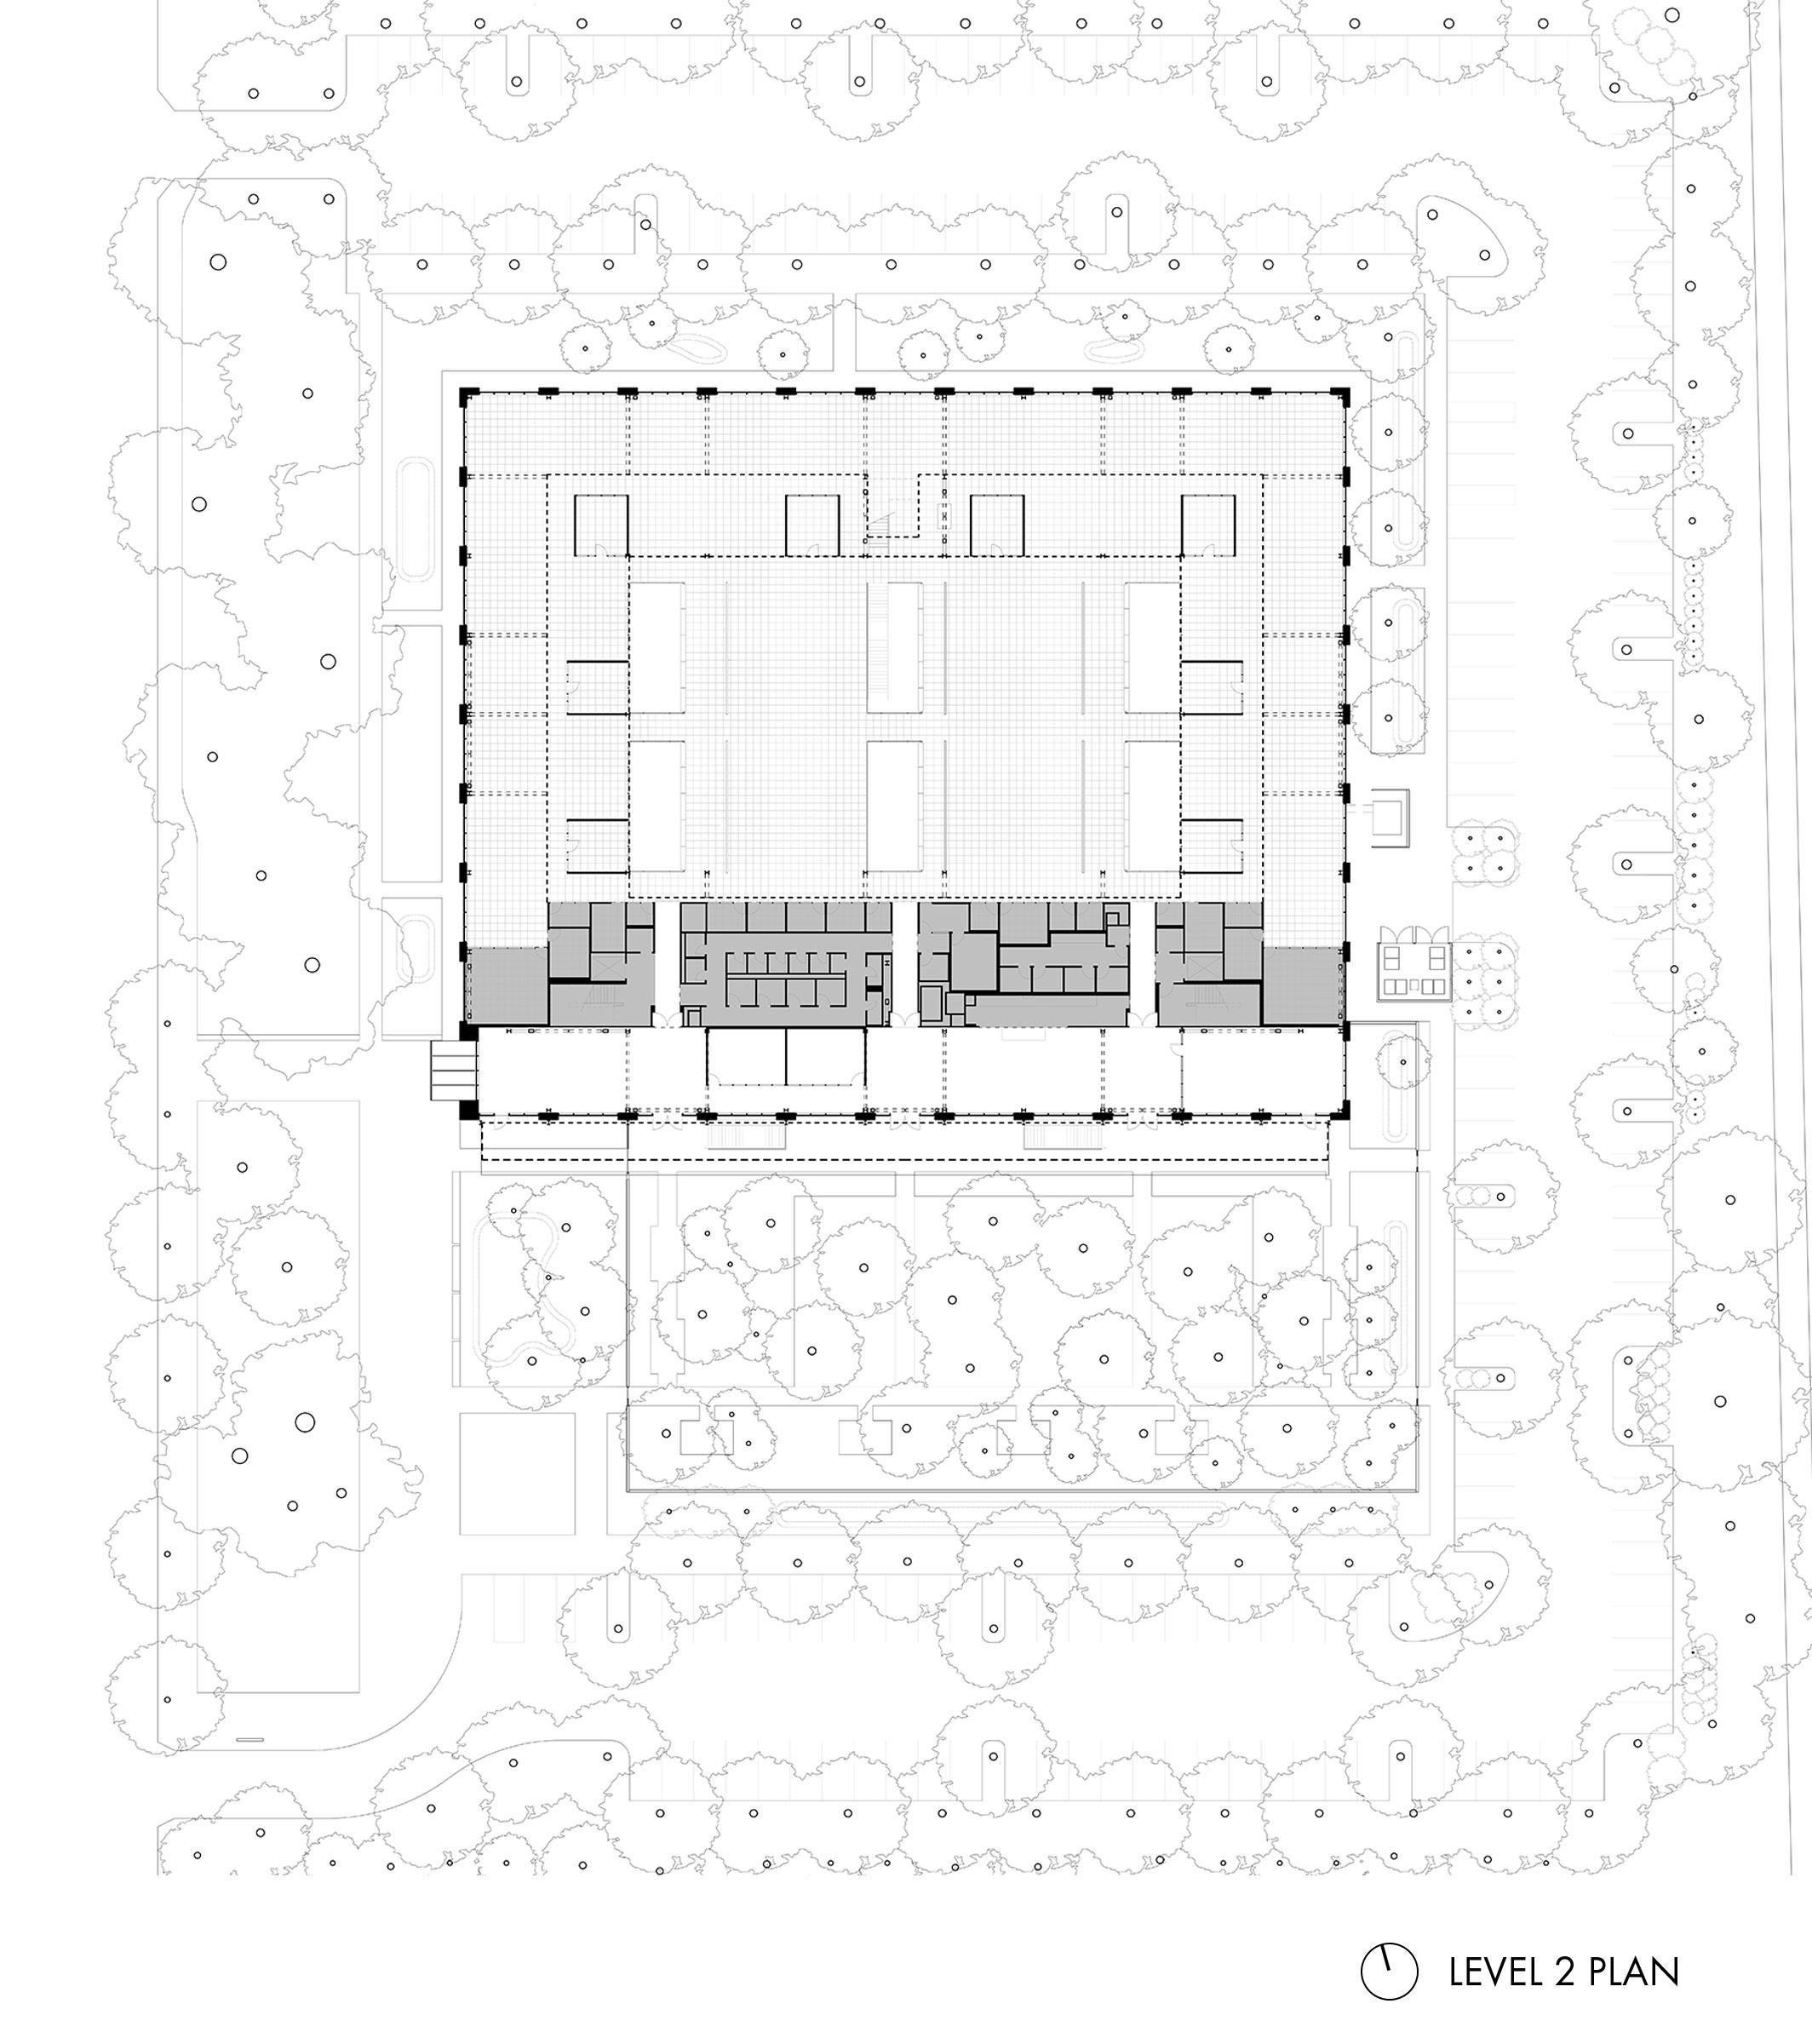 Google at 1212 Bordeaux Level 2 Plan